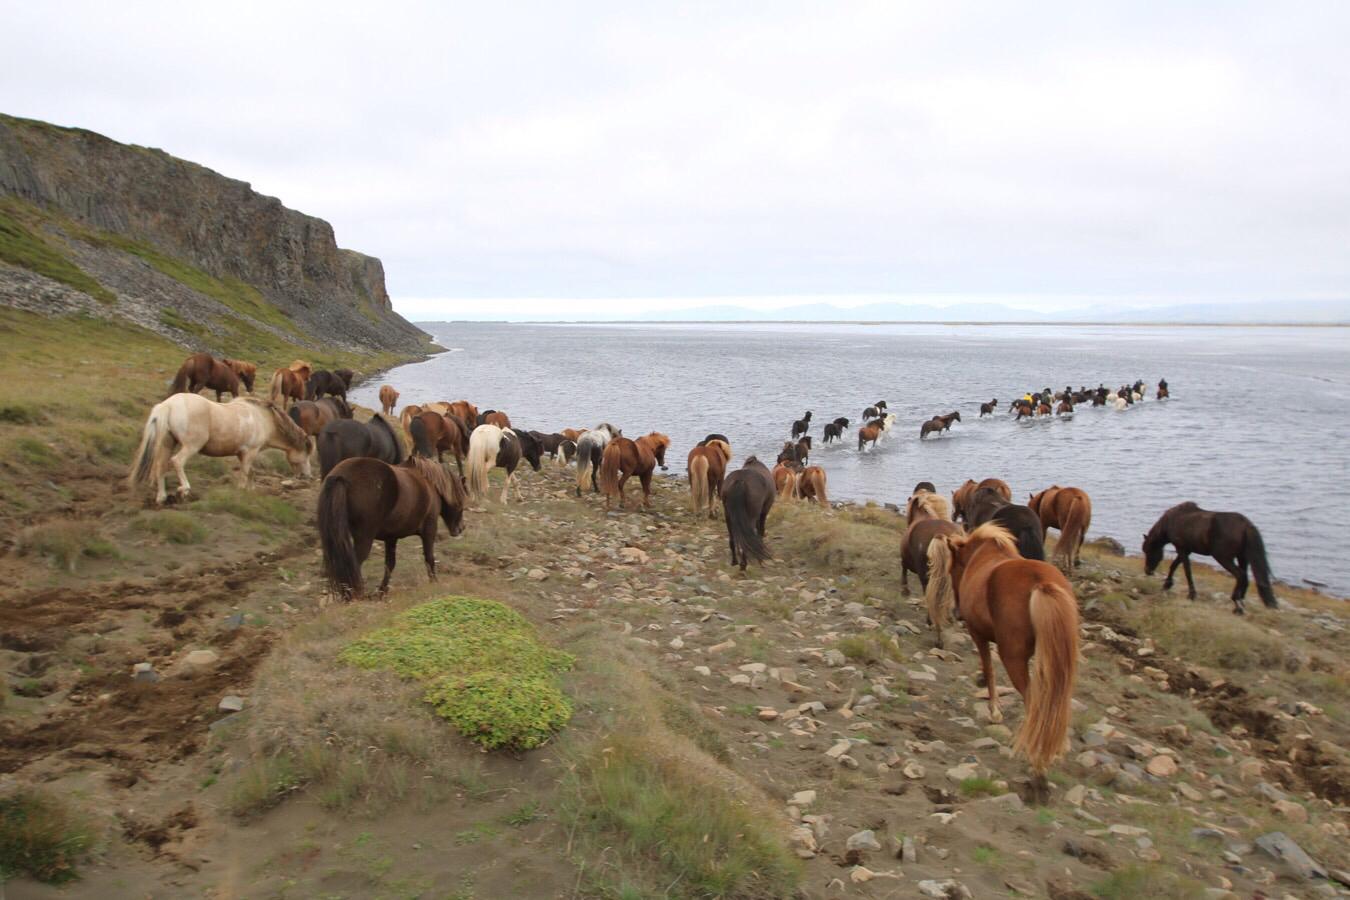 Fourth ridedag on Iceland